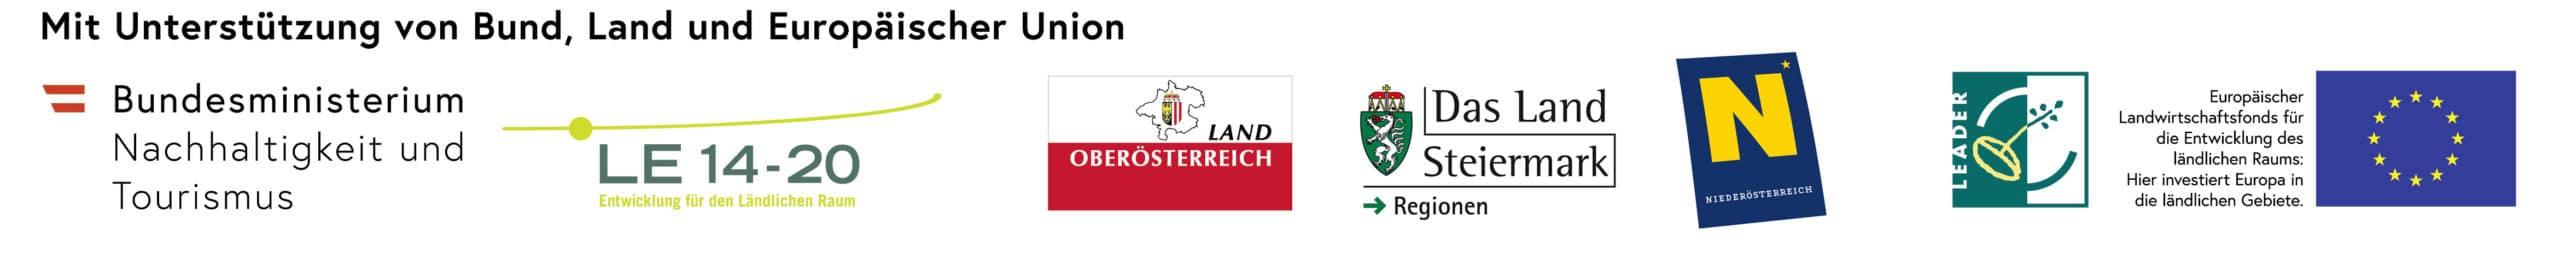 Logoleiste mit den Unterstützern: Bundesministerium, LE 14-20, Land Steiermark, Leader und EU